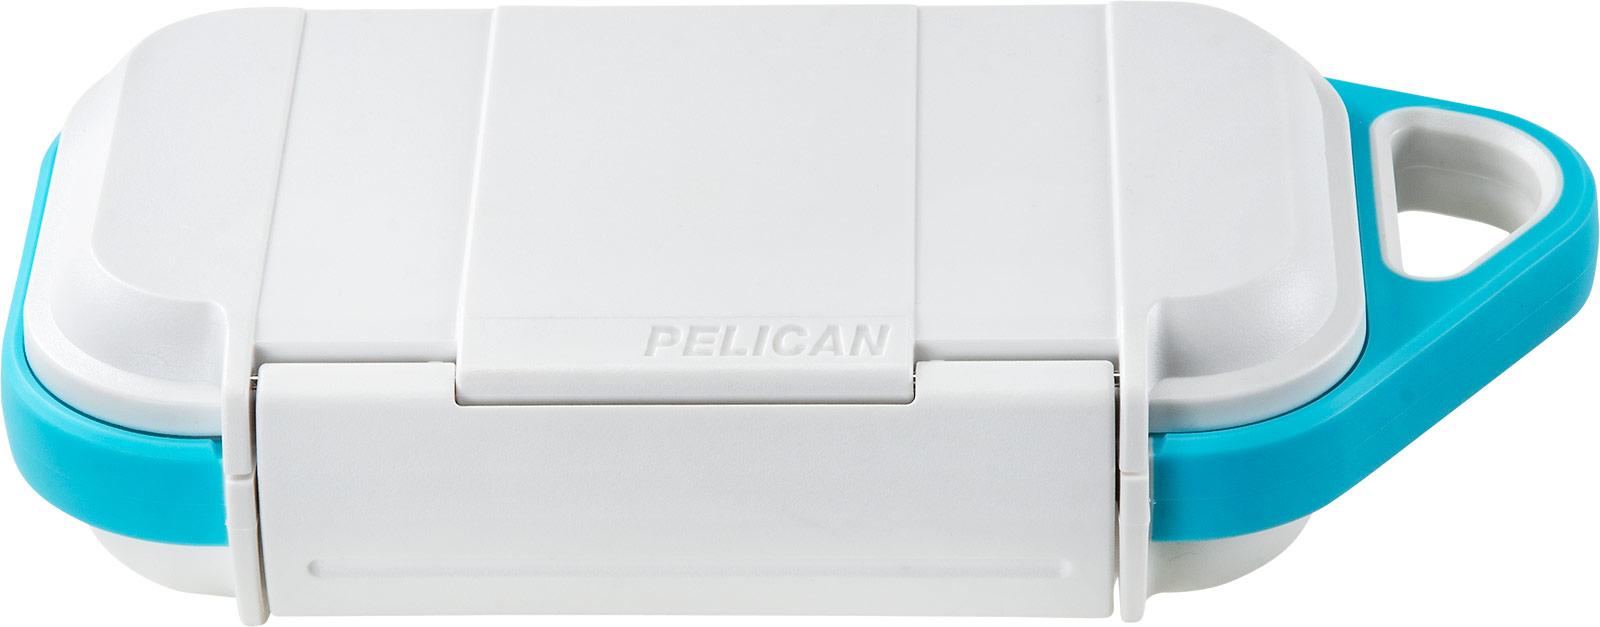 pelican g40 white protective small go case g40